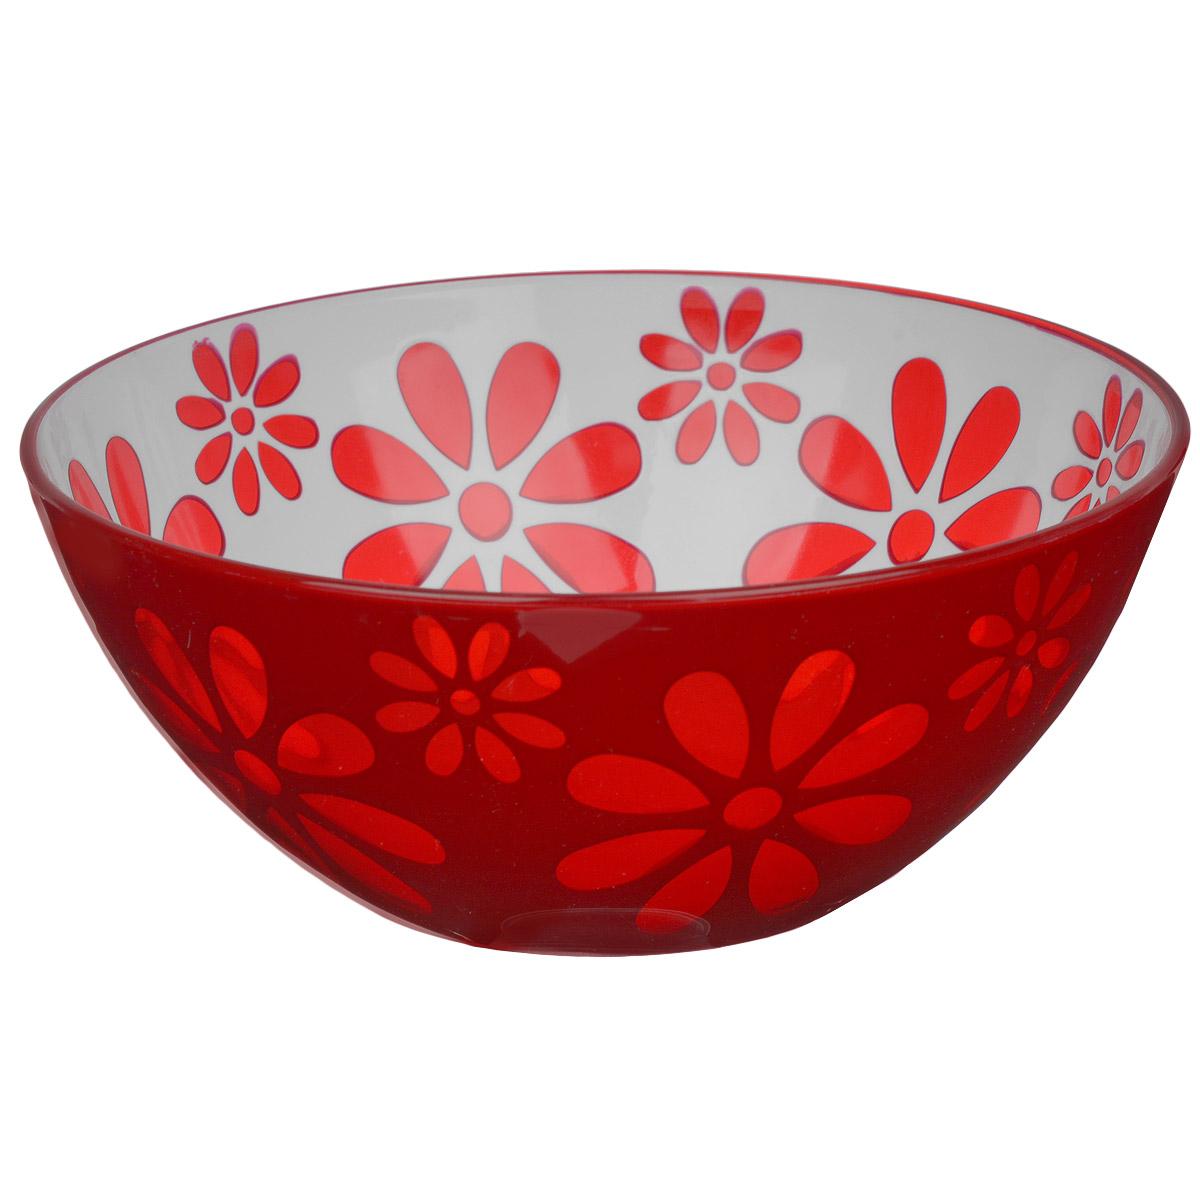 Чаша Альтернатива Соблазн, цвет: красный, 1,7 л115610Чаша Альтернатива Соблазн изготовлена из высококачественного пластика и подходит для повседневного использования. Чаша отлично подойдет для овсяных хлопьев, фруктов, риса или некоторых видов десерта. Также в ней можно приготовить салаты. Приятный дизайн подойдет практически для любого случая.